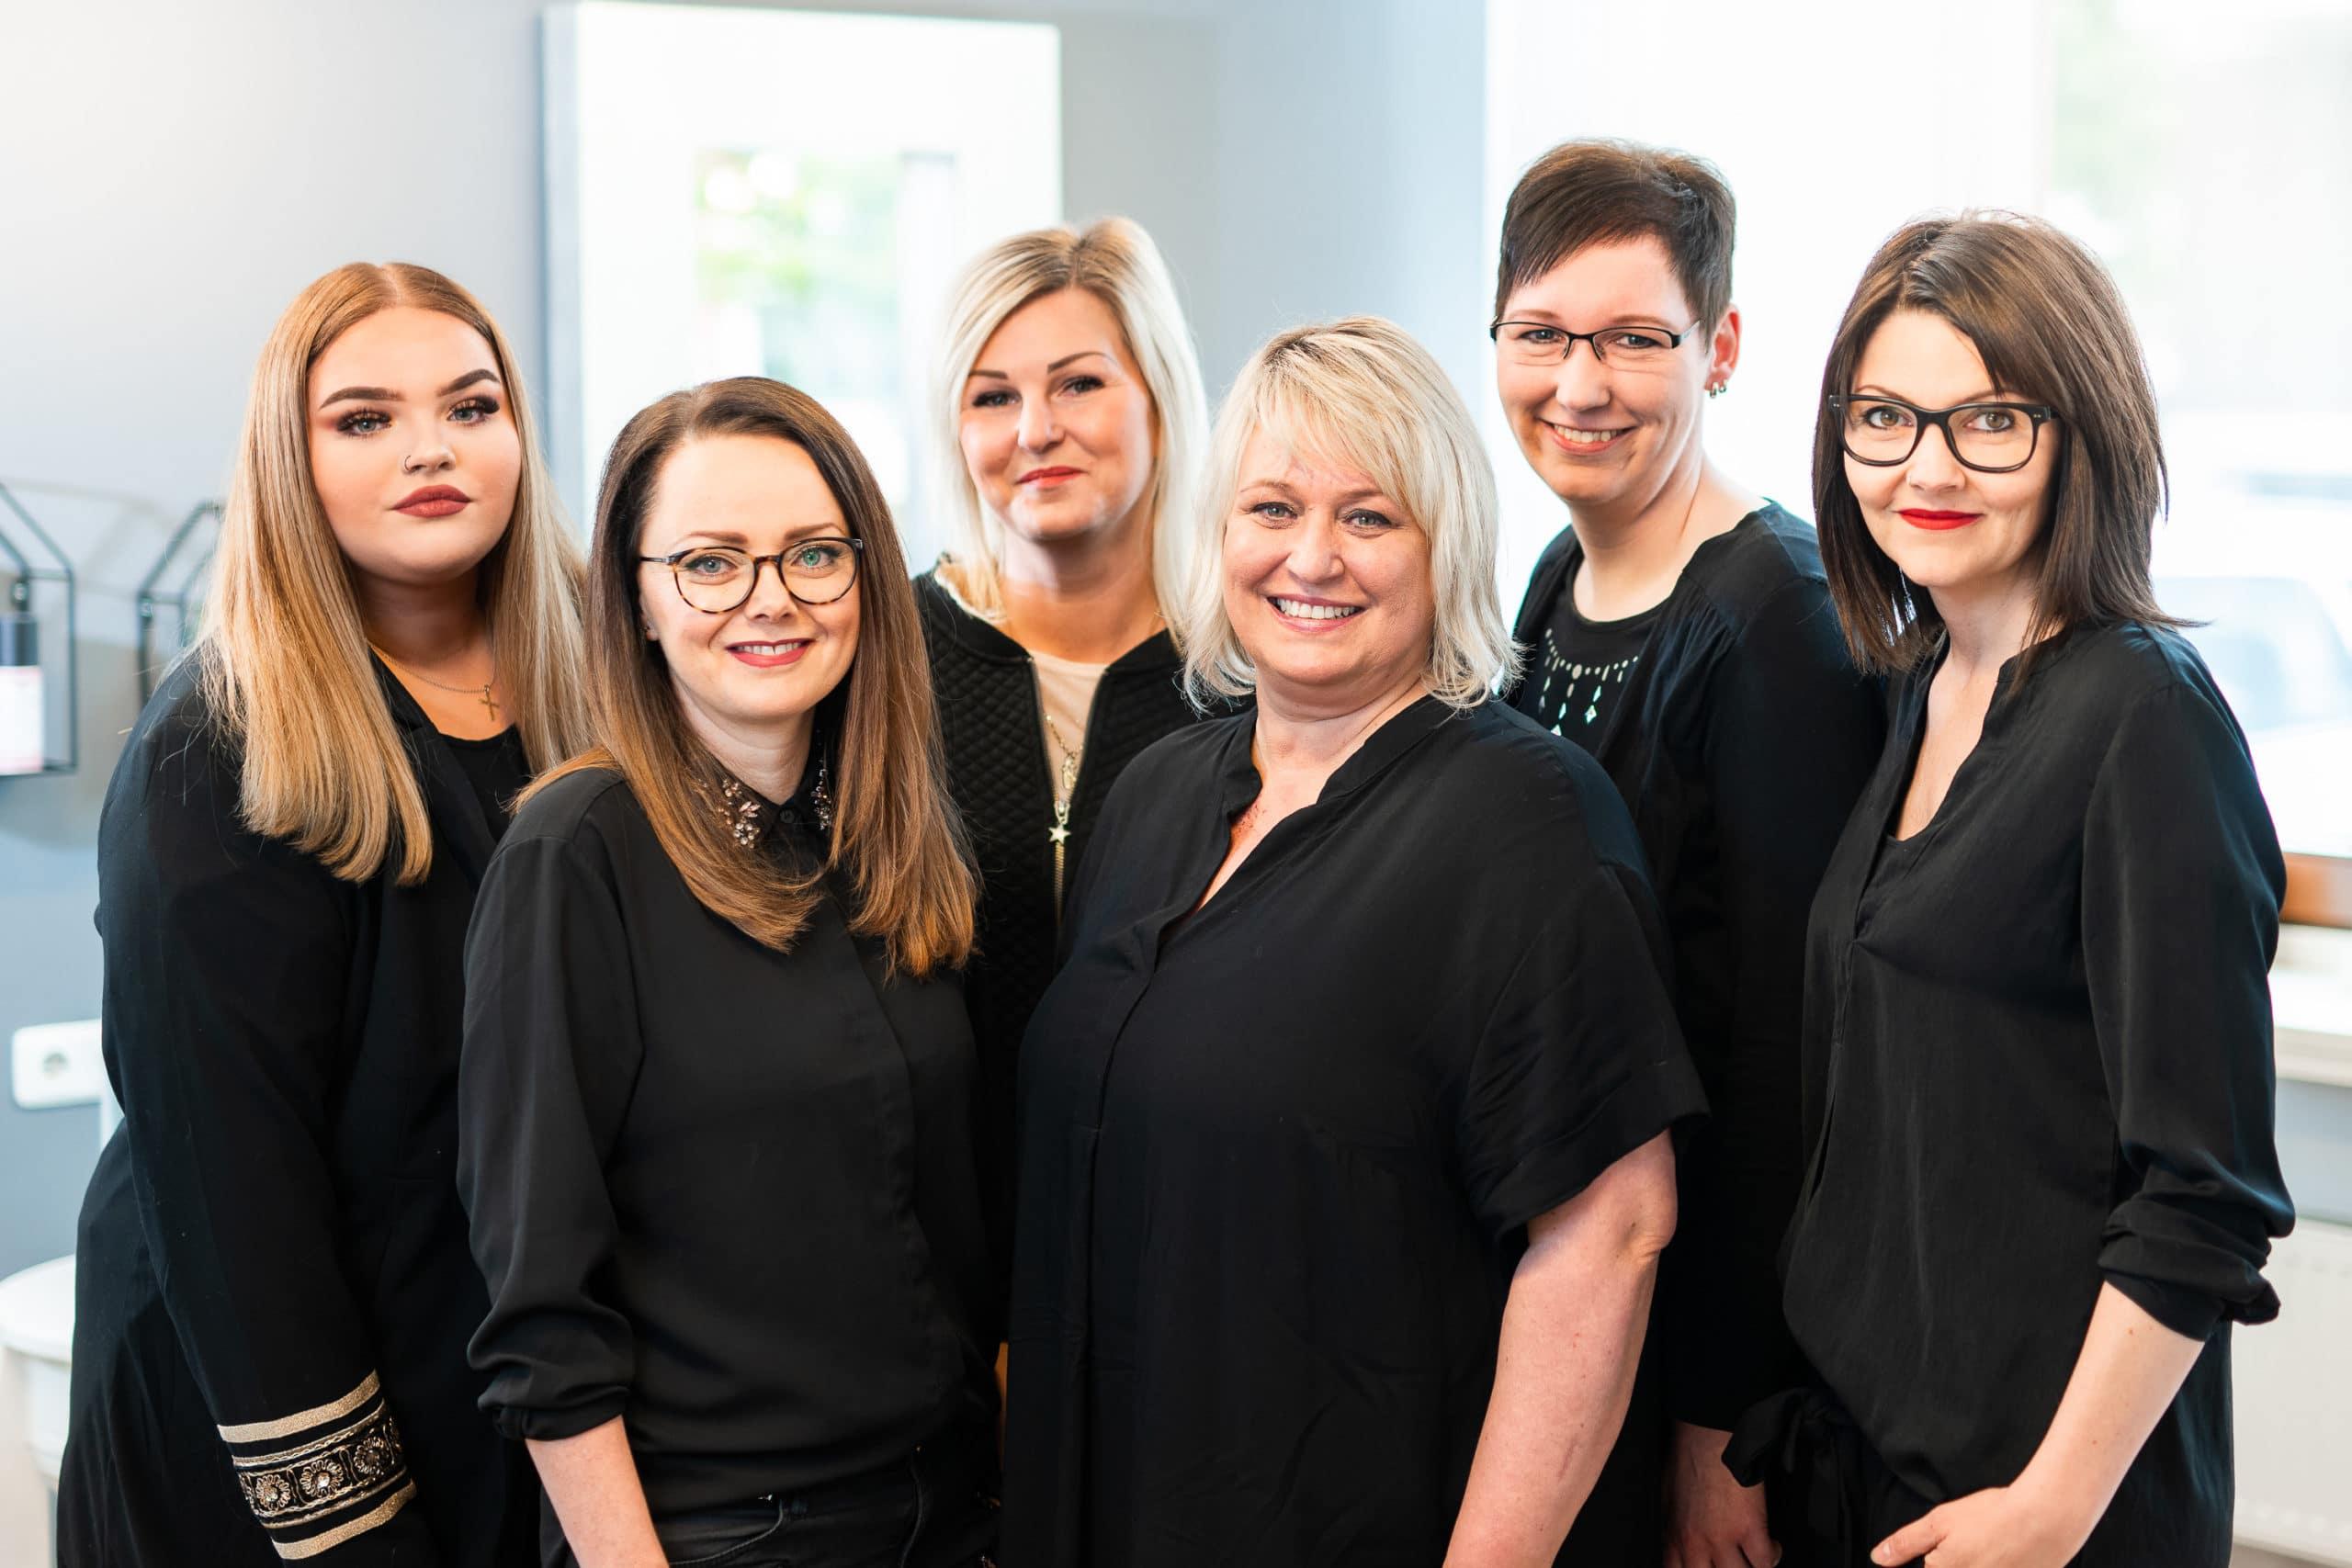 Freundliches Teamfoto der Kolleginnen eines Friseur Salons |Portraitfotograf in der Region Osnabrück Münster Bielefeld für Mitarbeiterfotografie und Teambilder